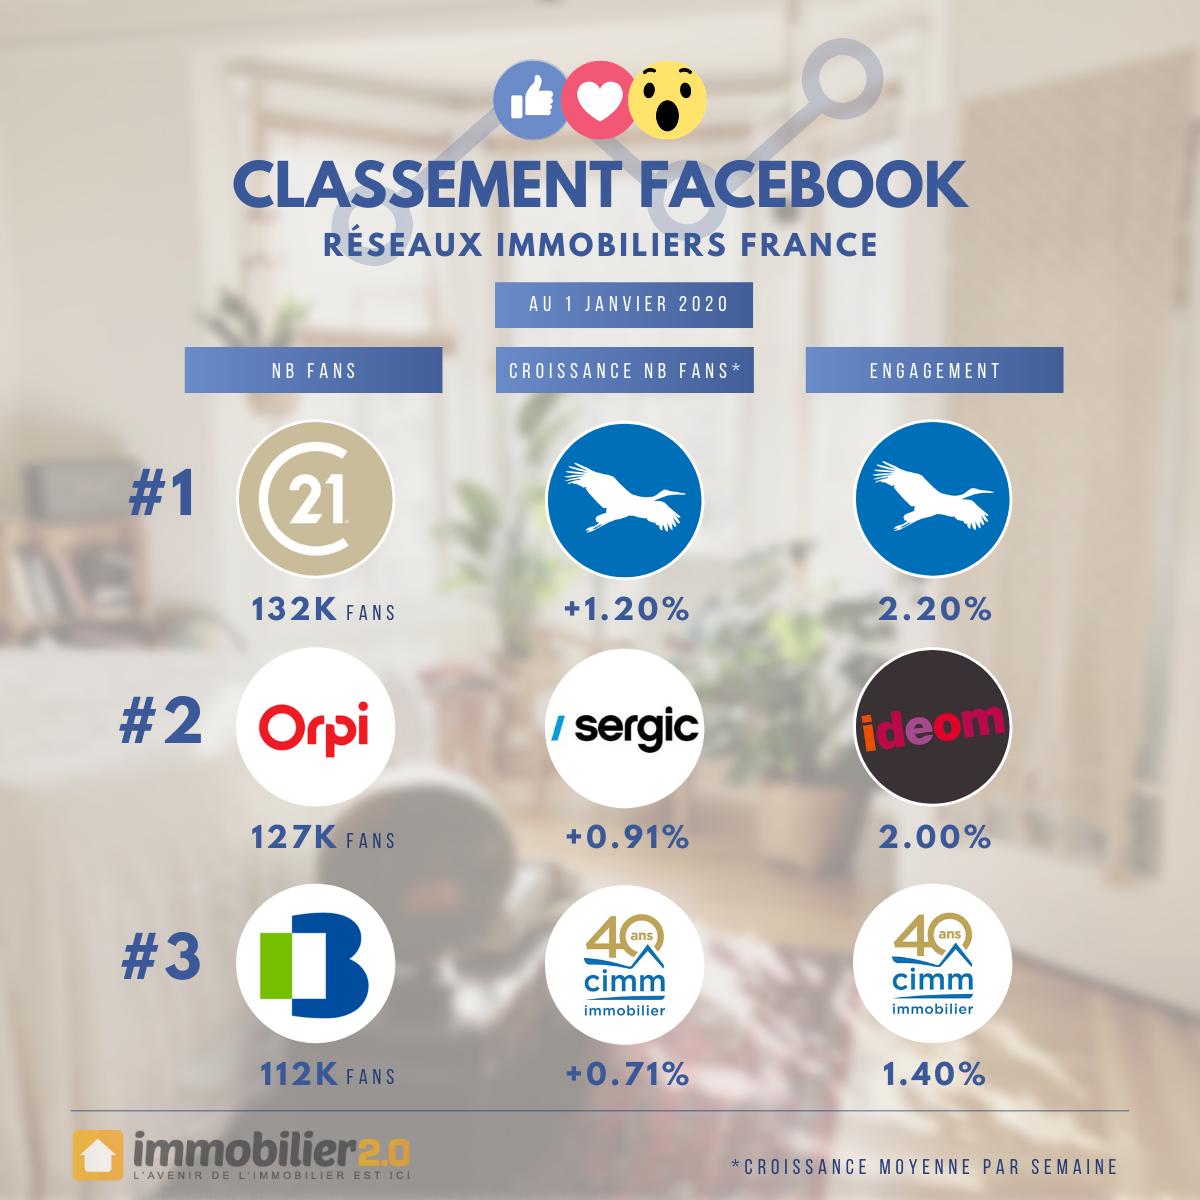 Classement Facebook Reseaux Immobiliers France Janvier 2020